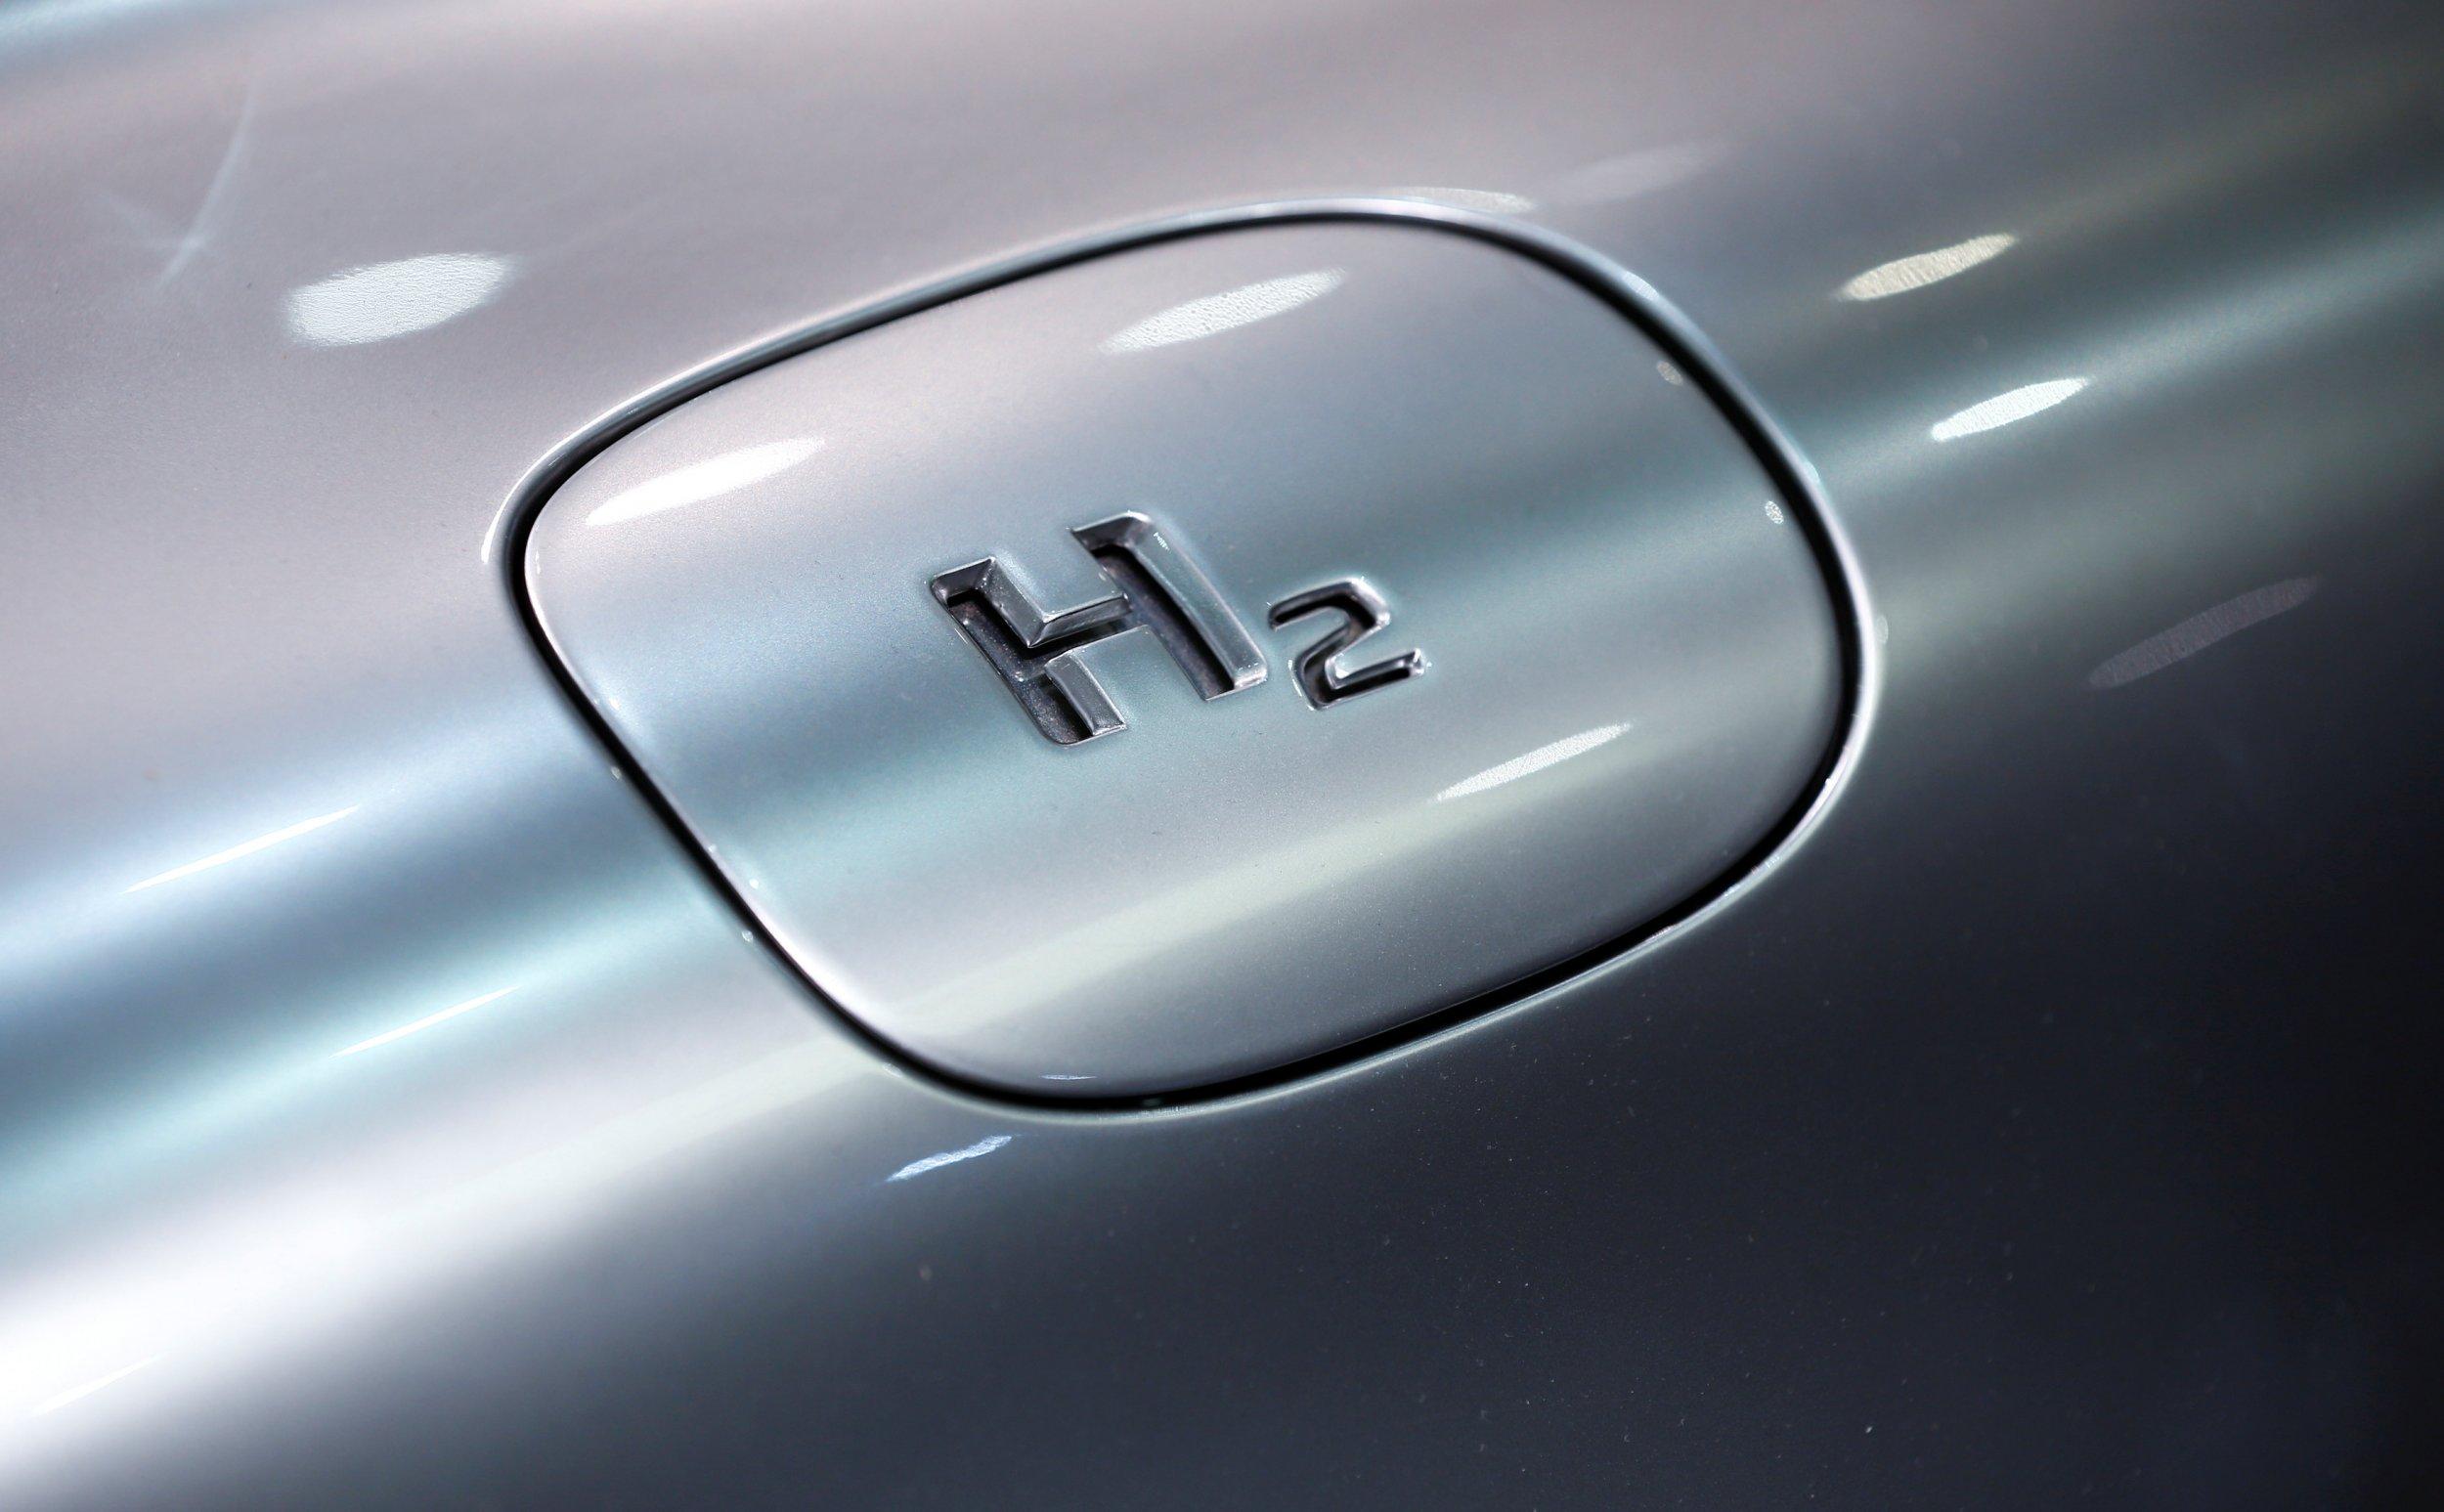 Hydrogen on Mercedes-Benz 2016